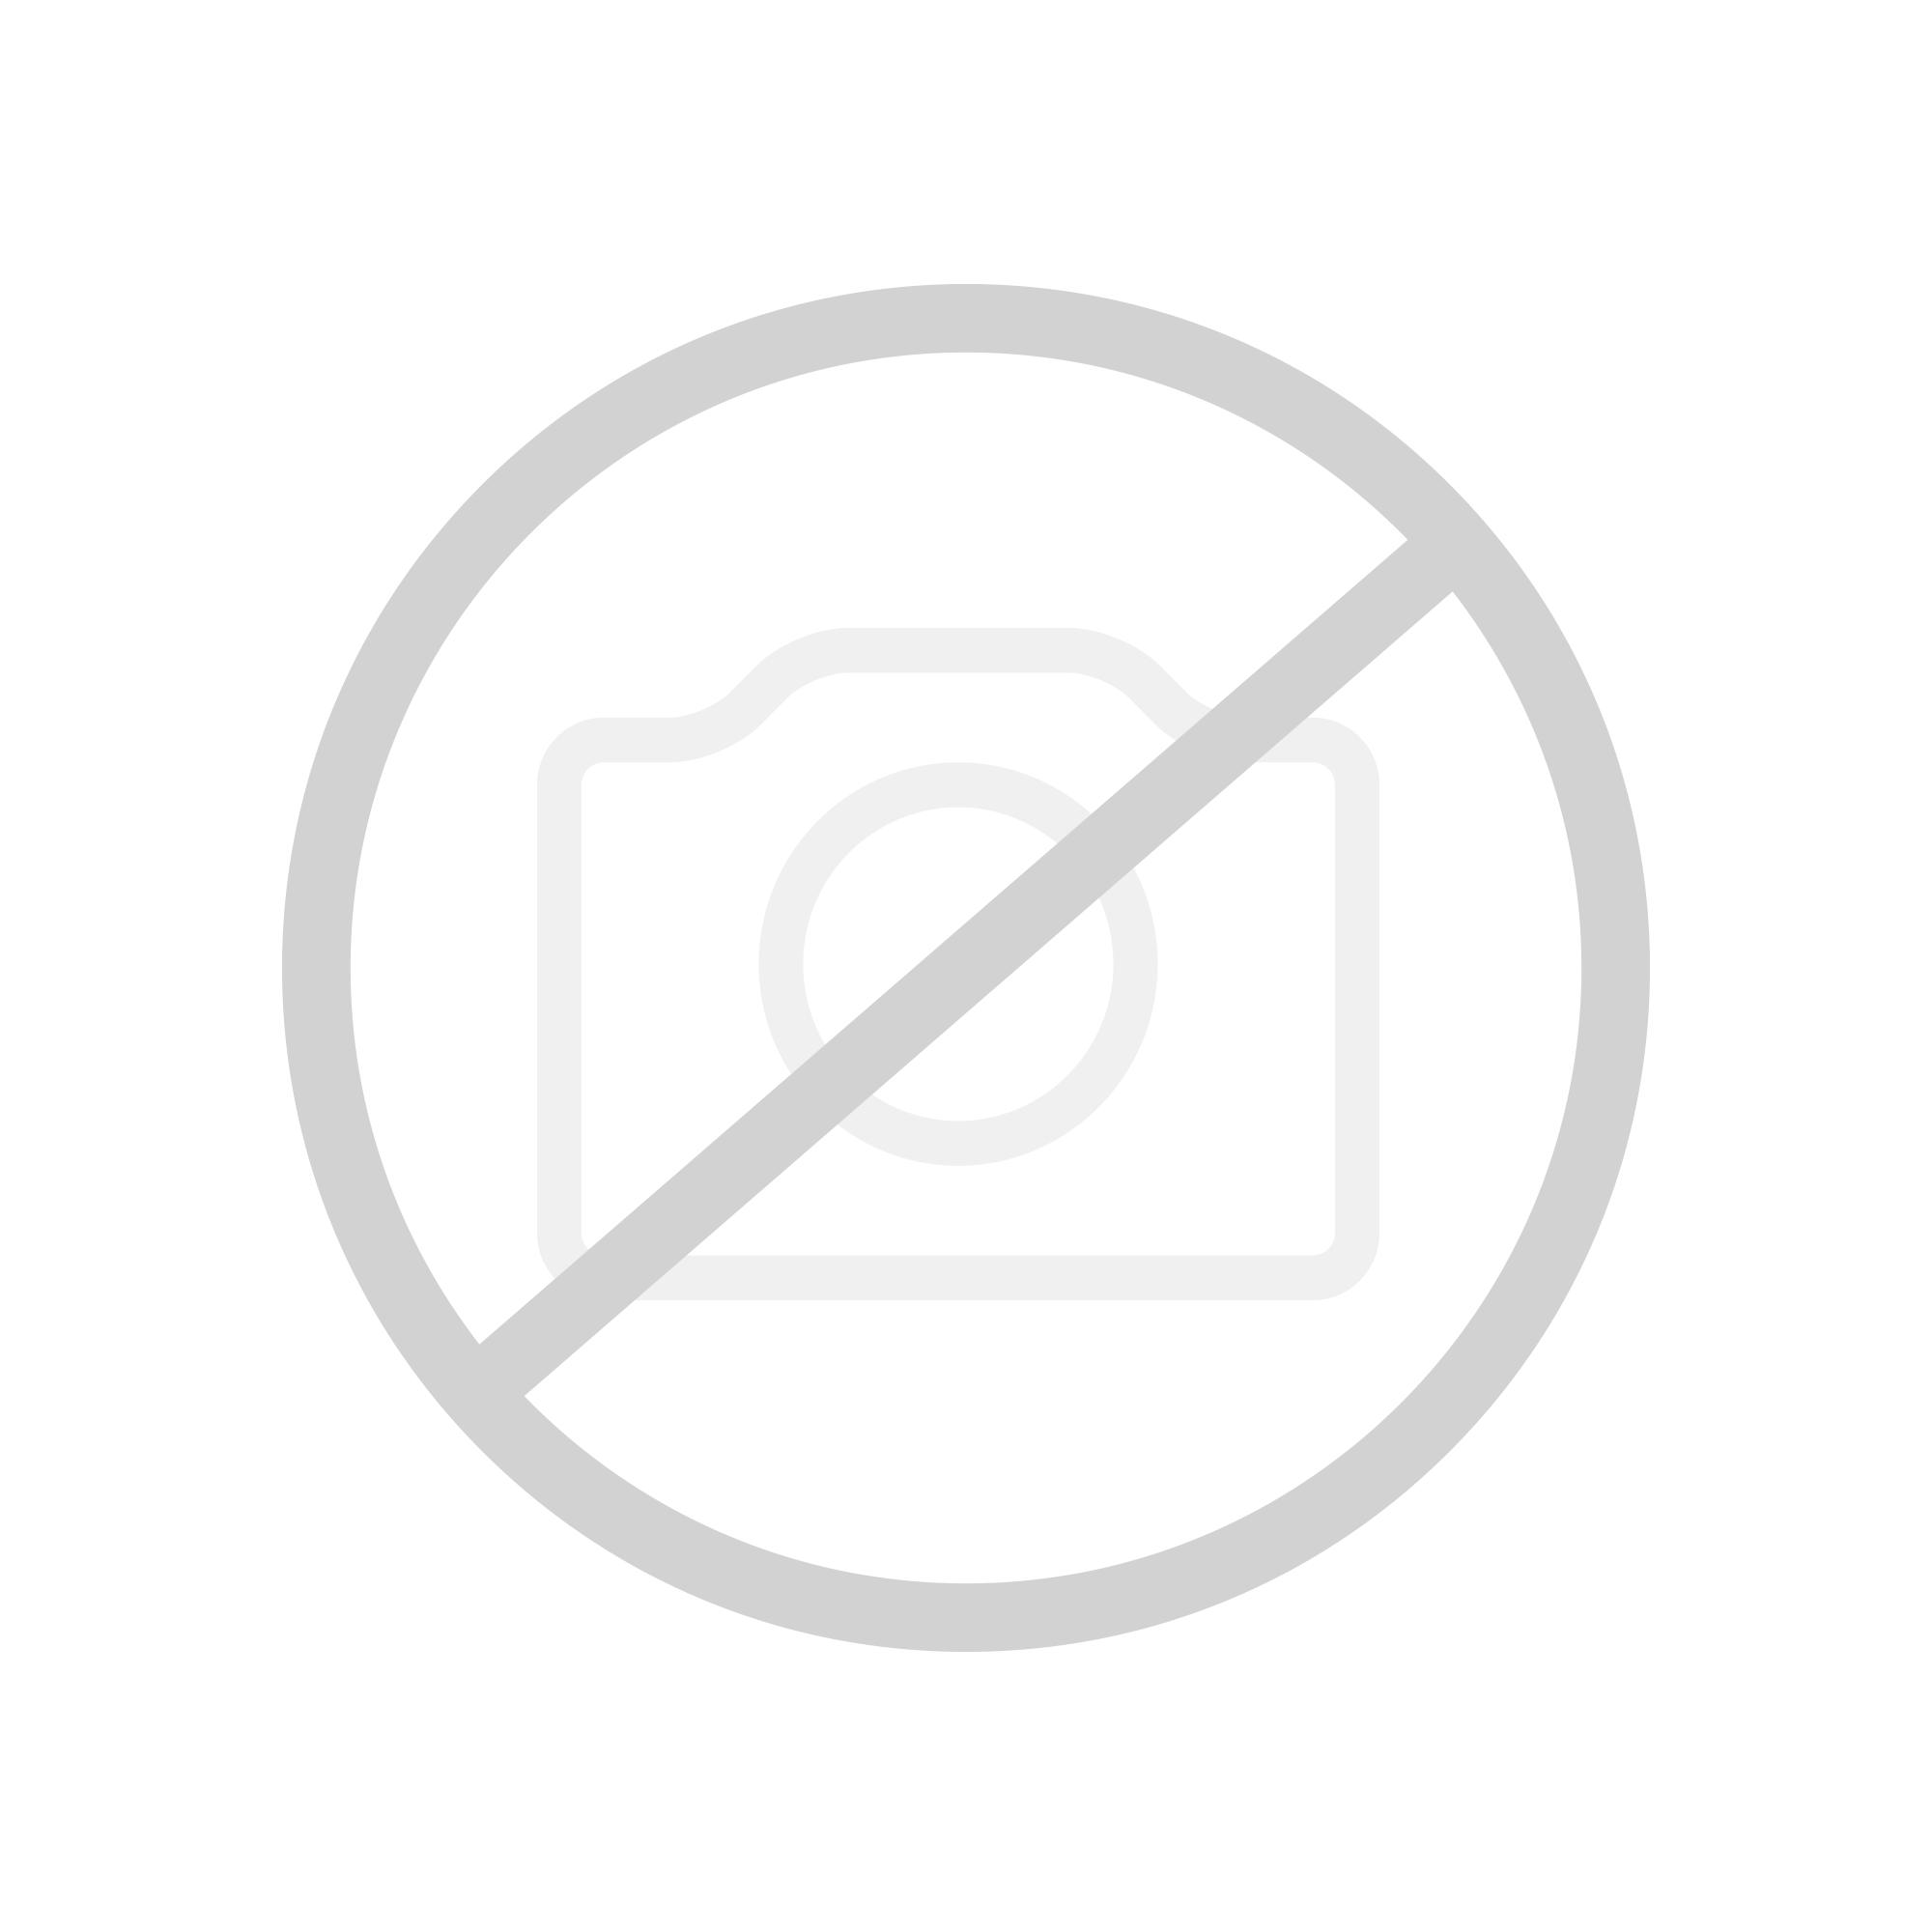 geberit aquaclean sela stand dusch wc komplettanlage mit anal und ladydusche 146170111. Black Bedroom Furniture Sets. Home Design Ideas